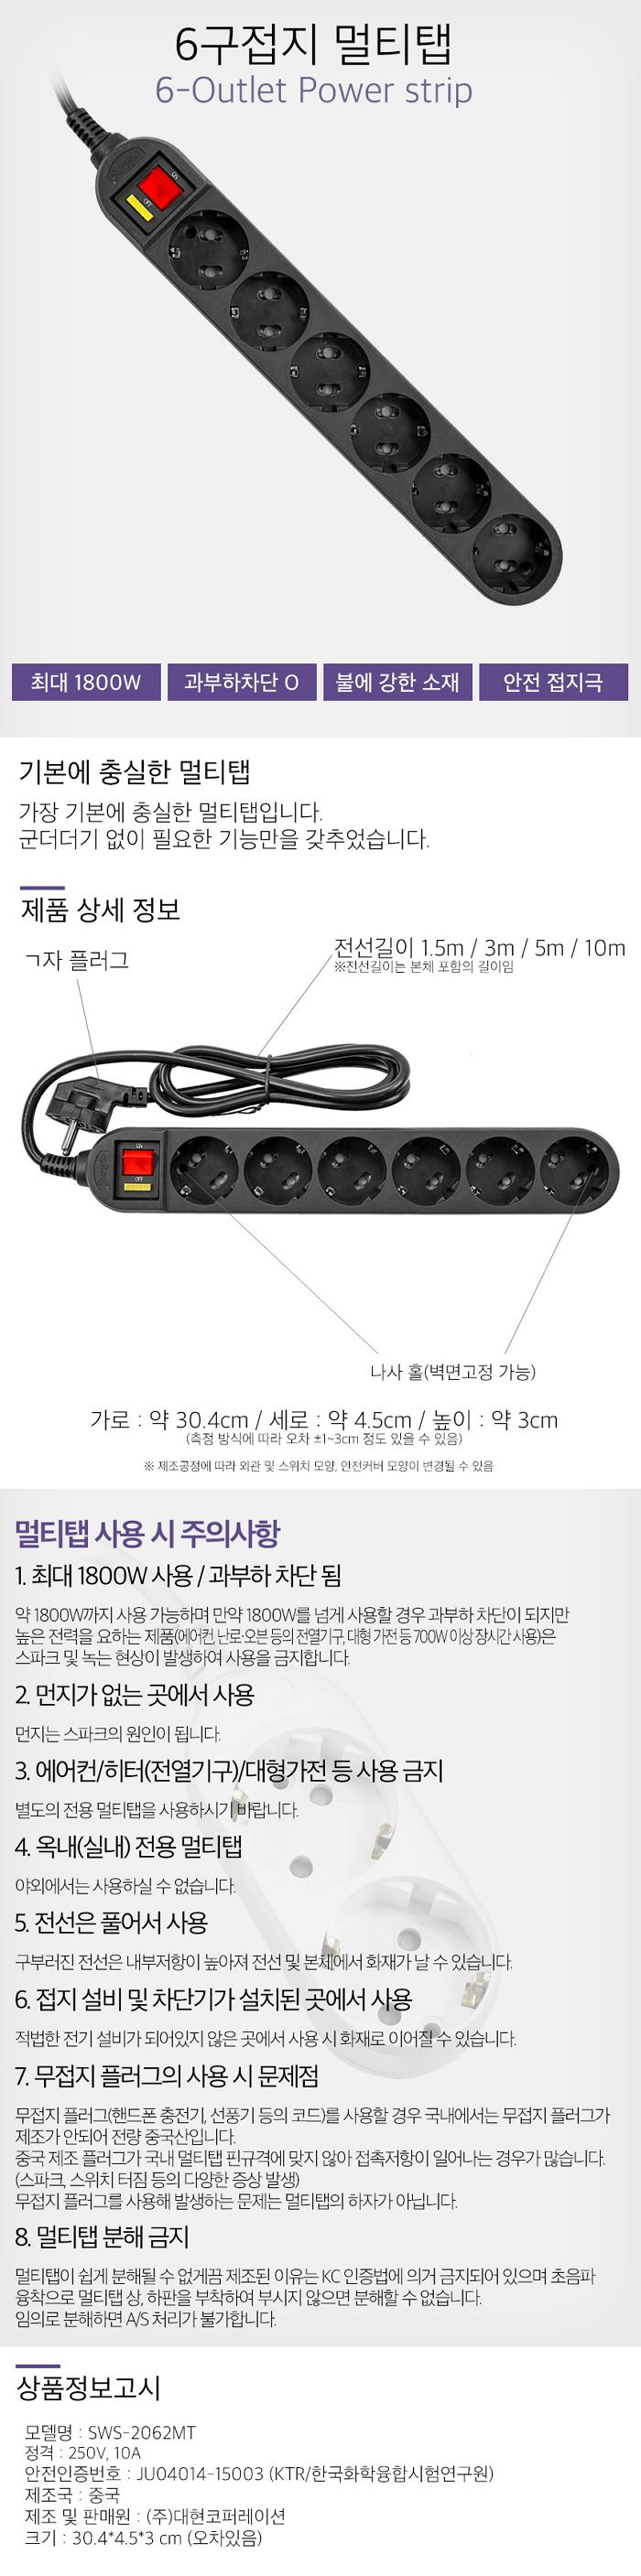 대현코퍼레이션 써지오 6구 10A 블랙 멀티탭 (10m)